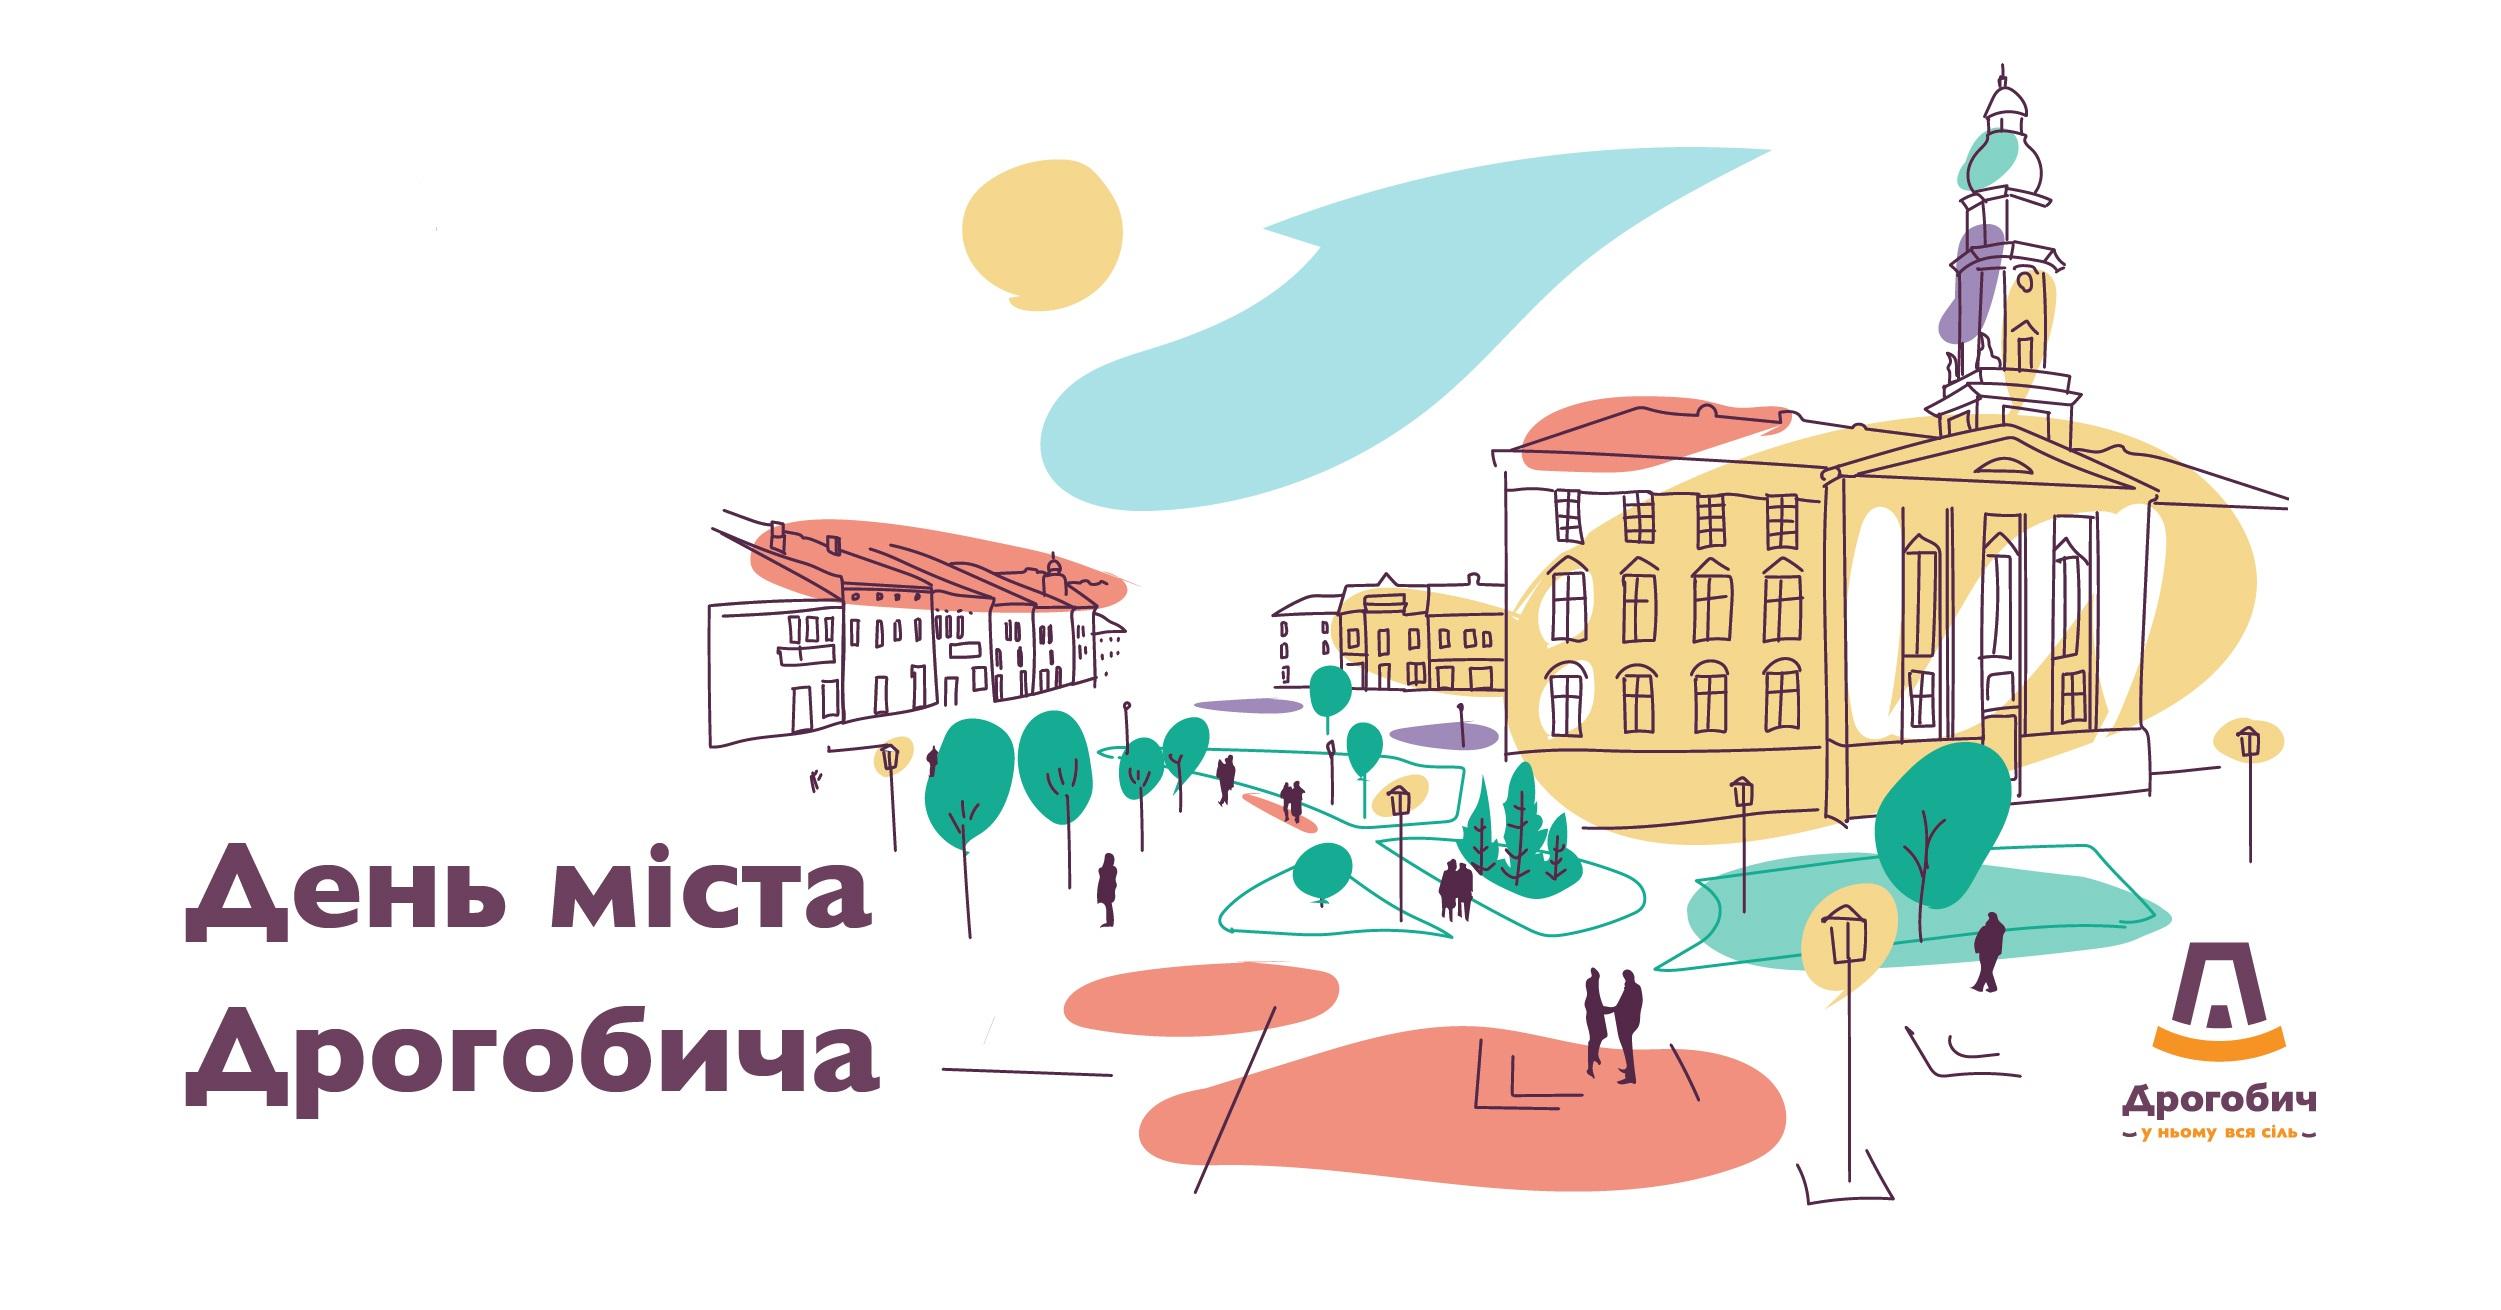 Дрогобичу 930 – місто готує насичену програму святкувань із спортивних, культурних, мистецьких та патріотичних заходів